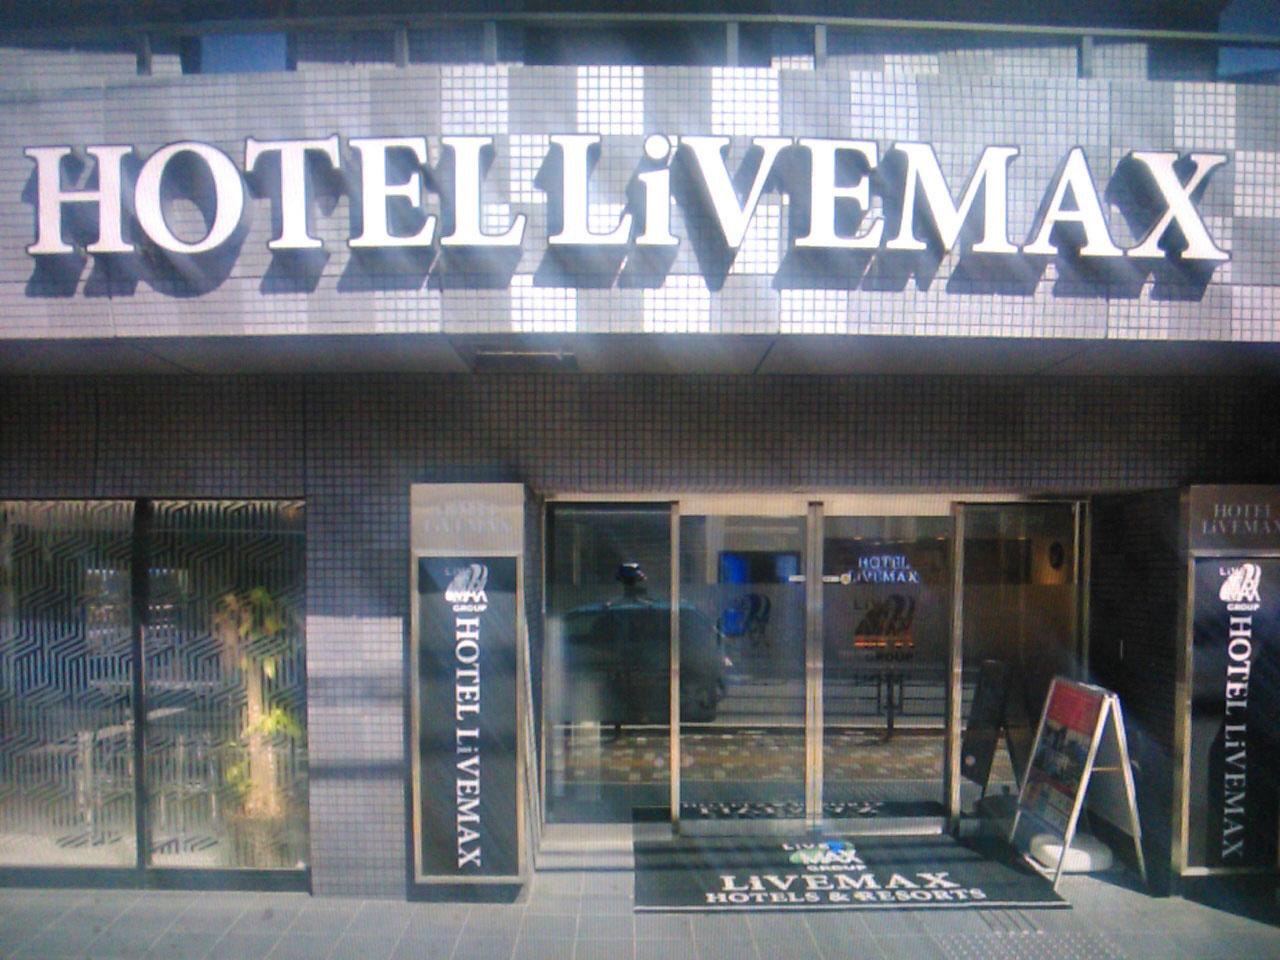 上野で出張マッサージを利用できるホテル「ホテルリブマックス上野駅前」